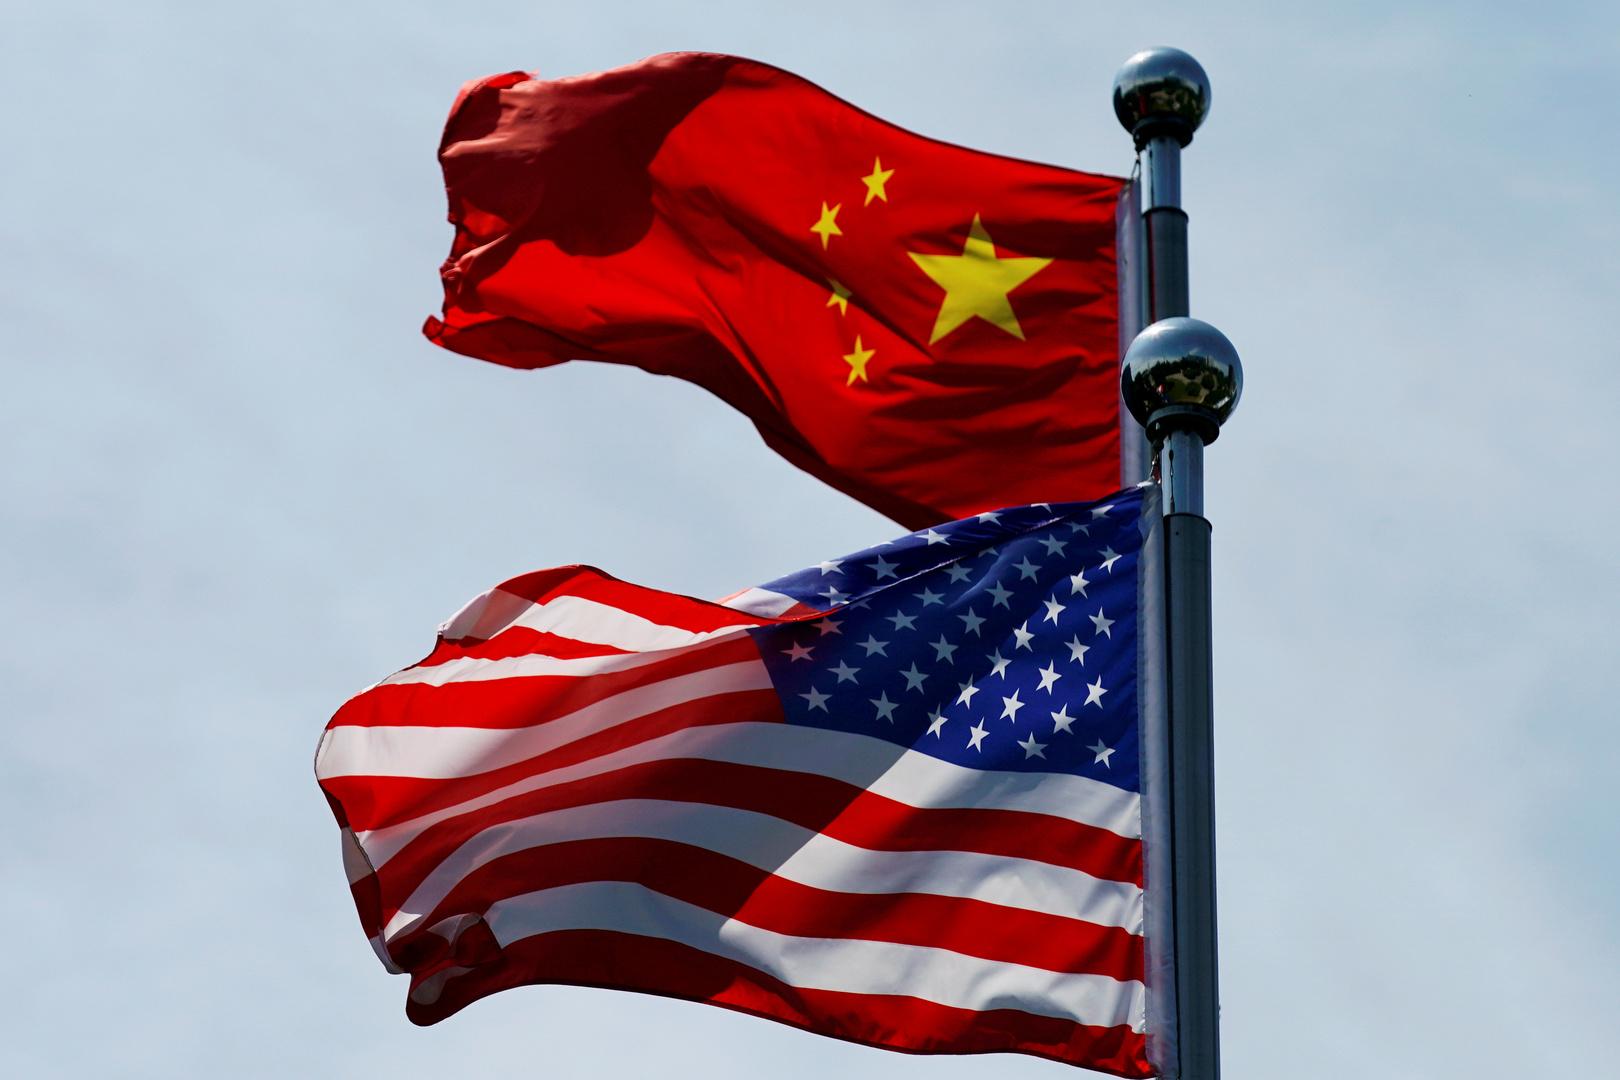 العلم الصيني والعلم الأمريكي